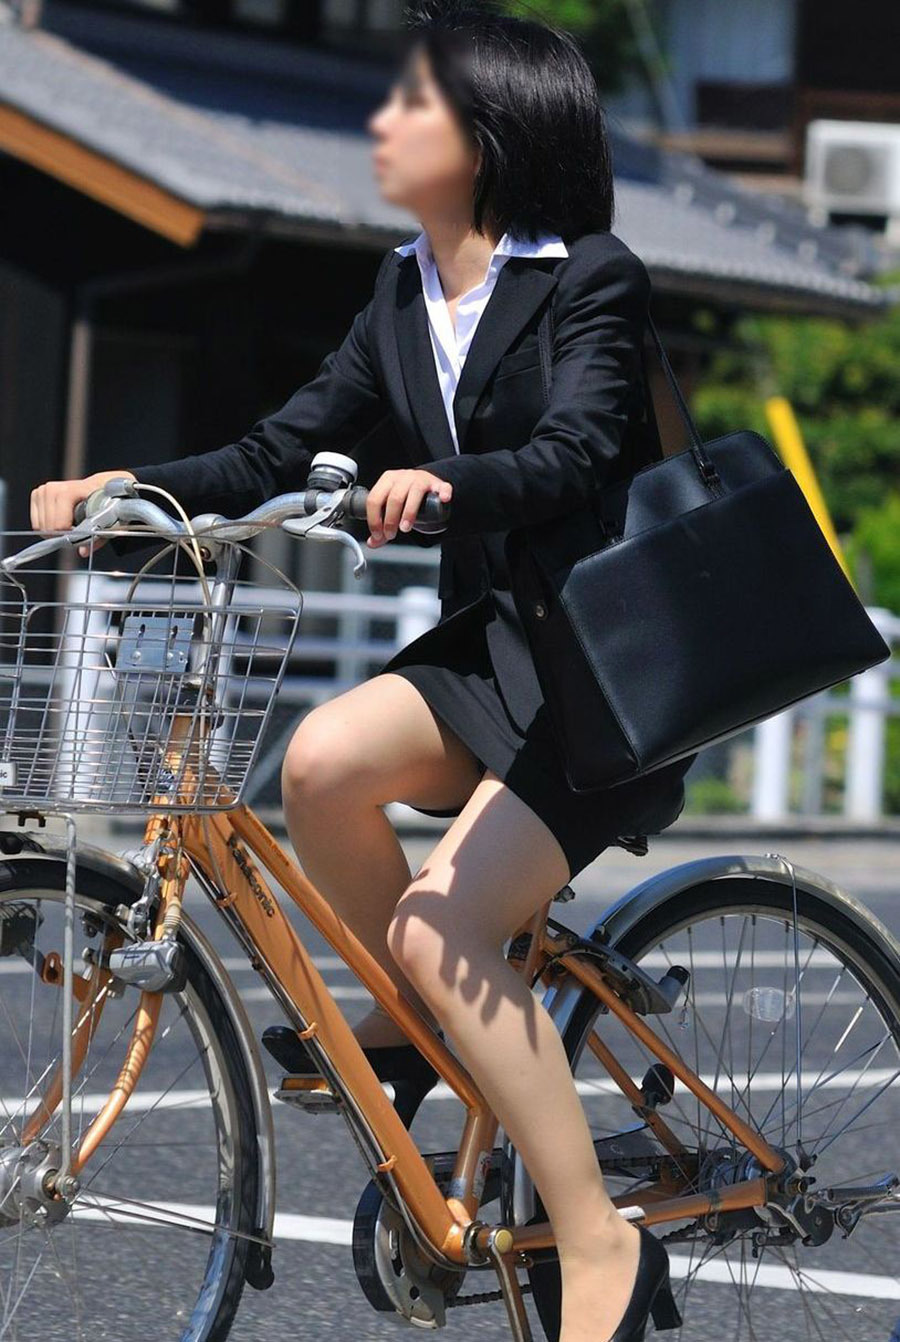 OL_自転車_タイトスカート_盗撮_エロ画像_03